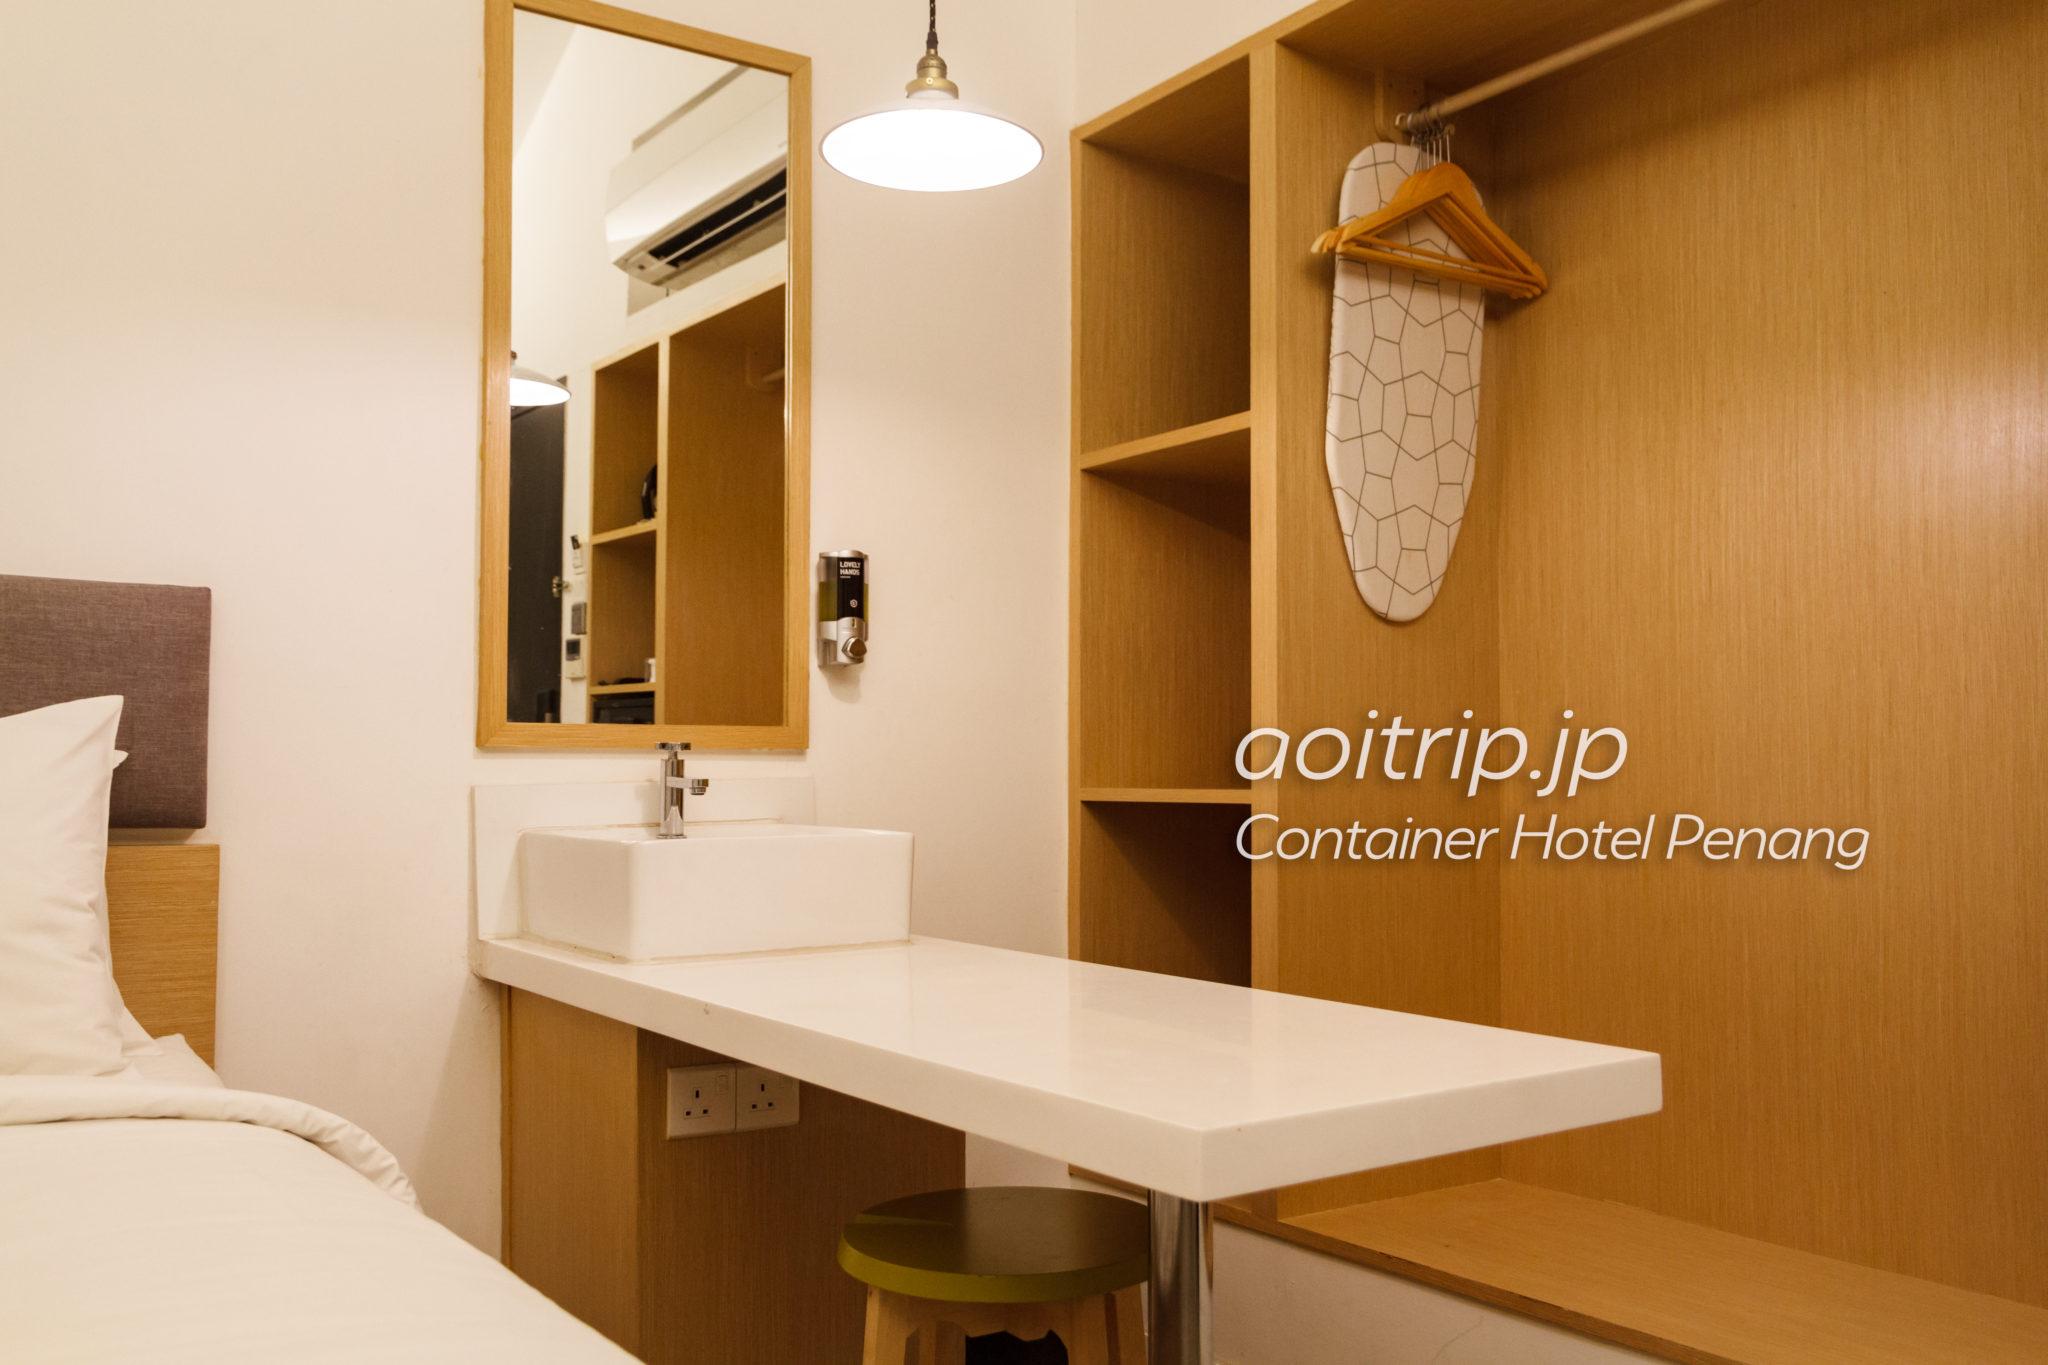 コンテナホテルペナン 洗面台